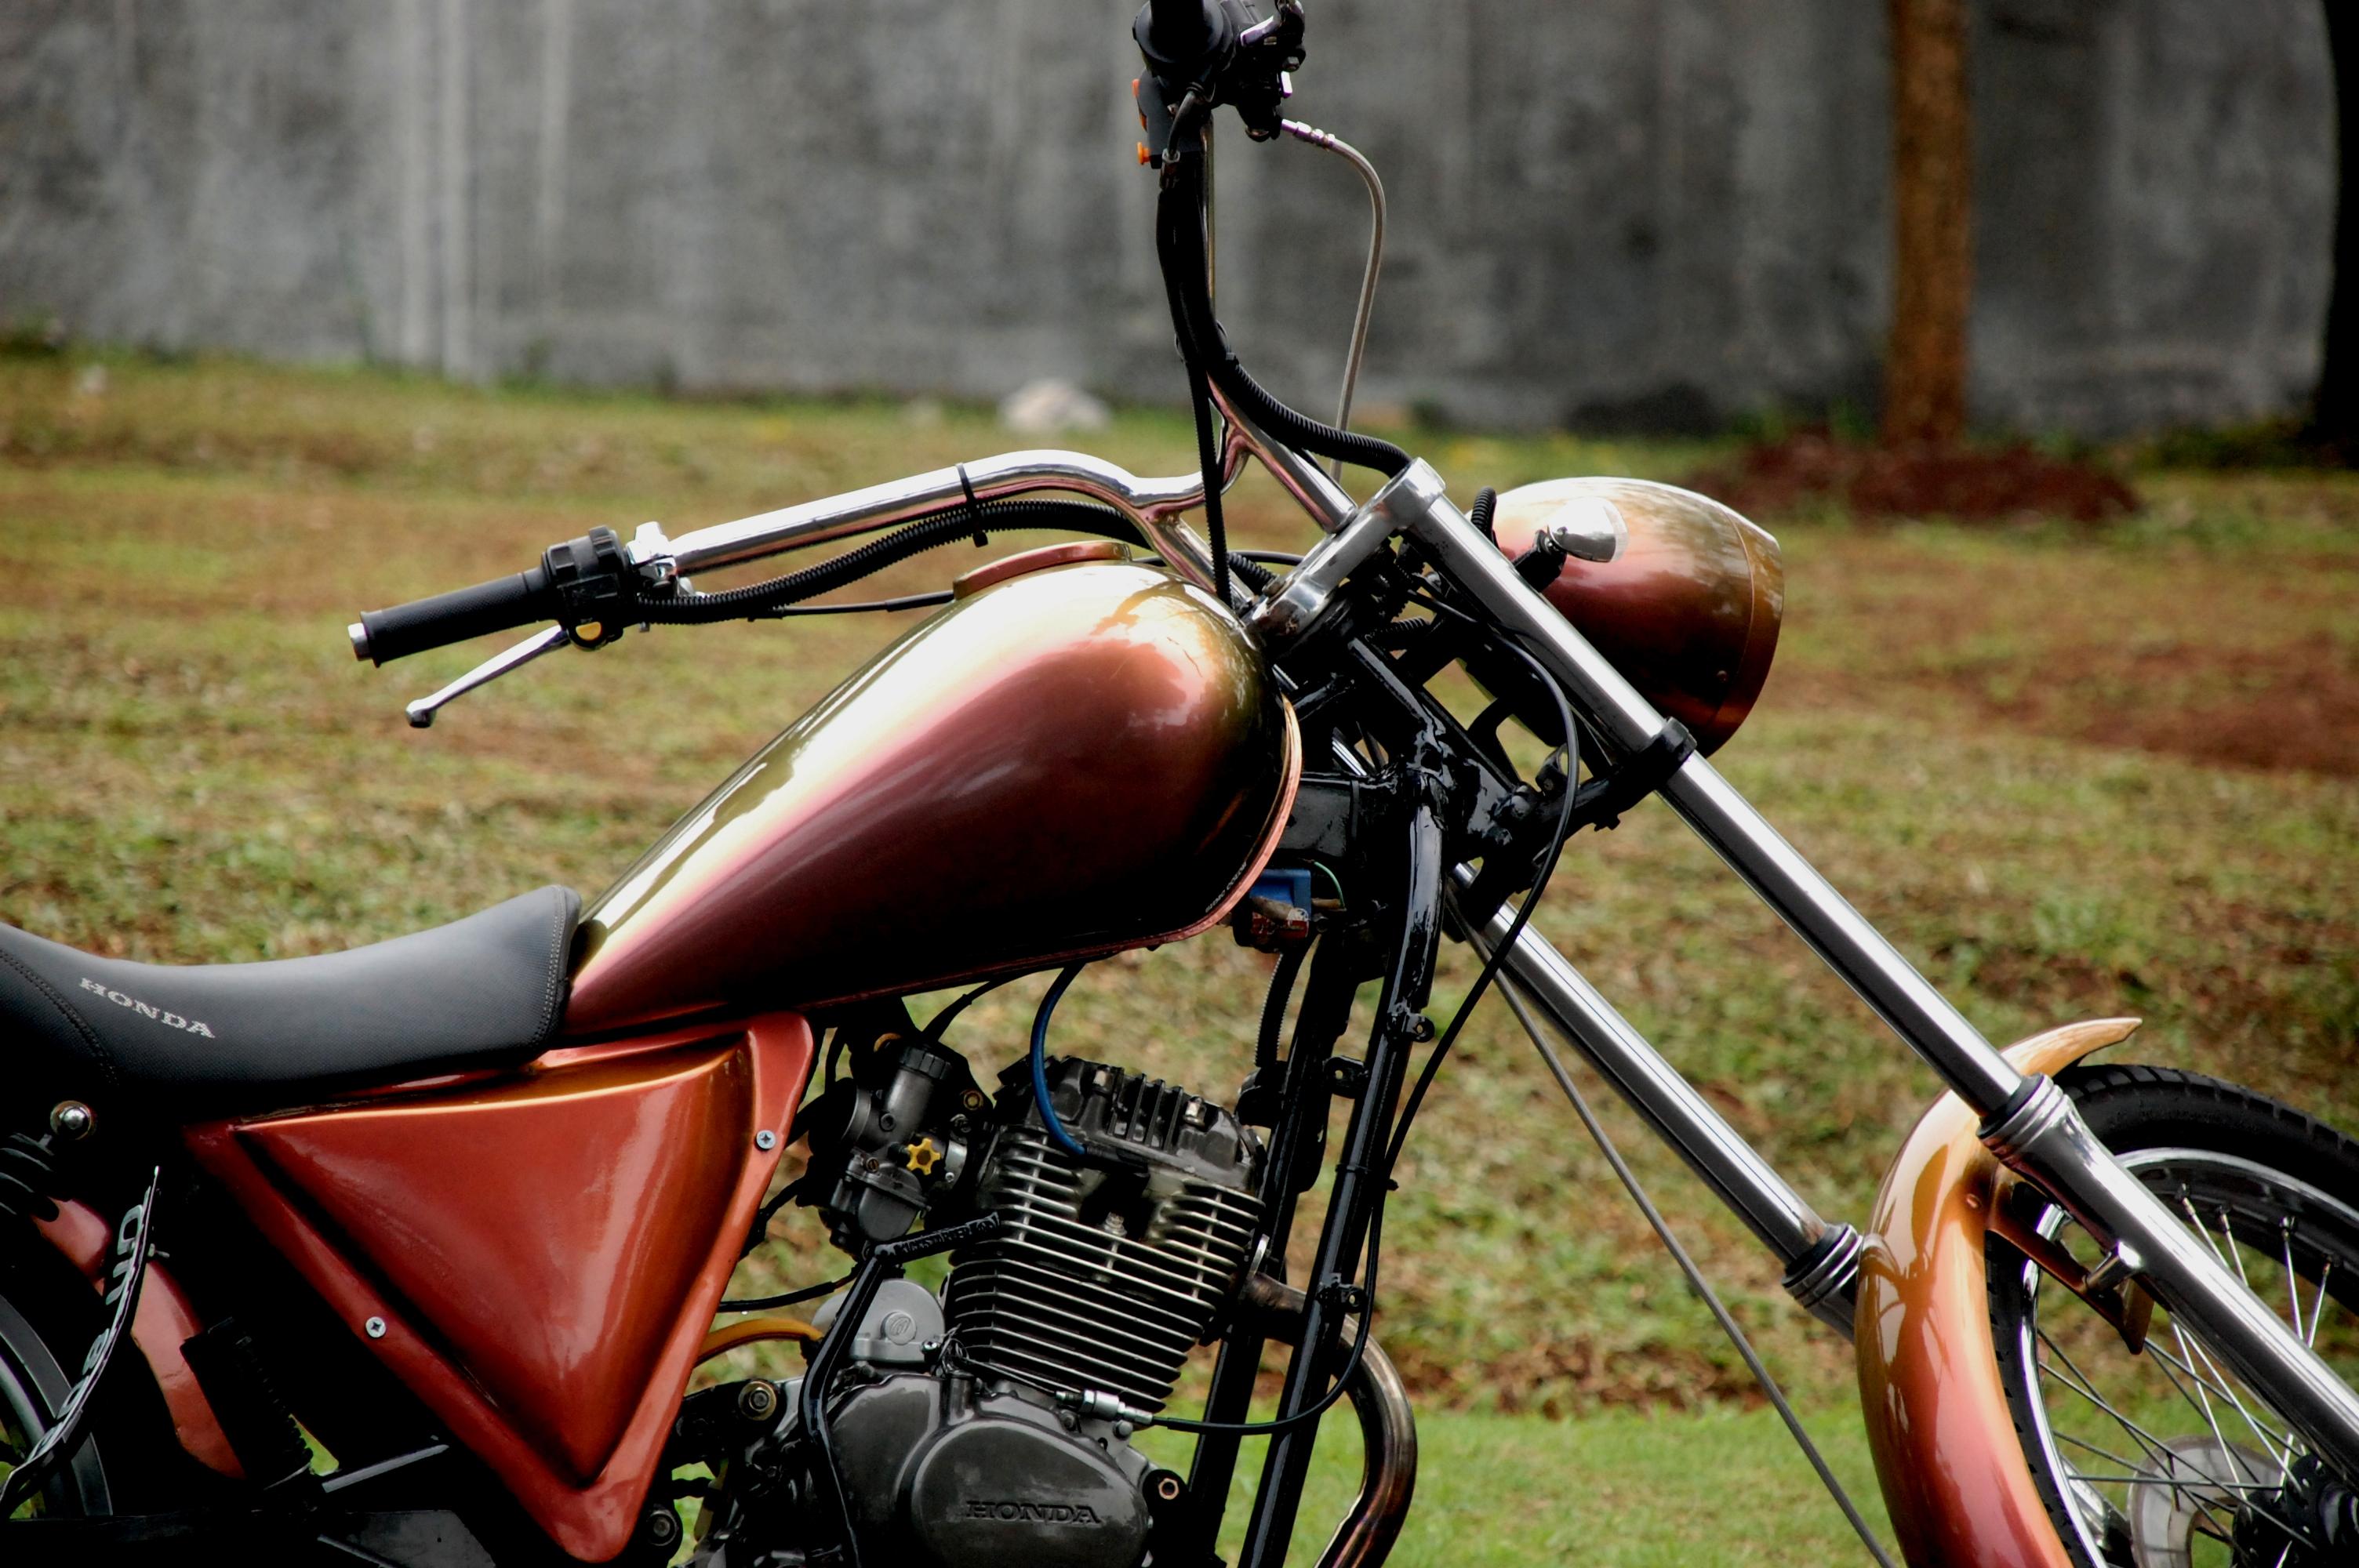 GL 100 Bergaya Chopper Tak Asal Murah Gilamotor